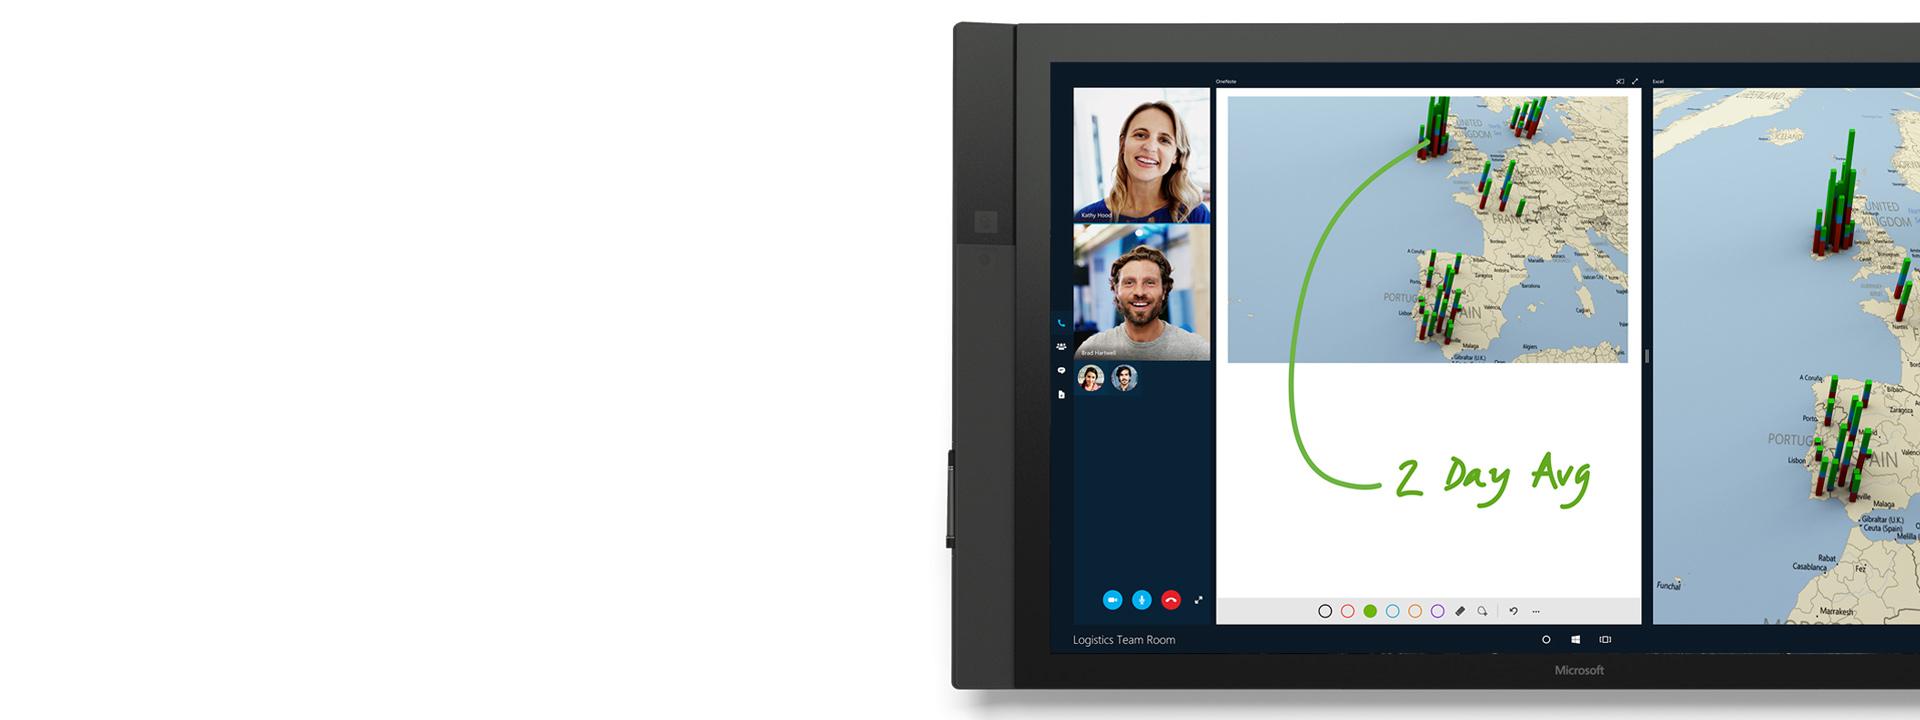 Skype Empresarial que se muestra en Surface Hub.